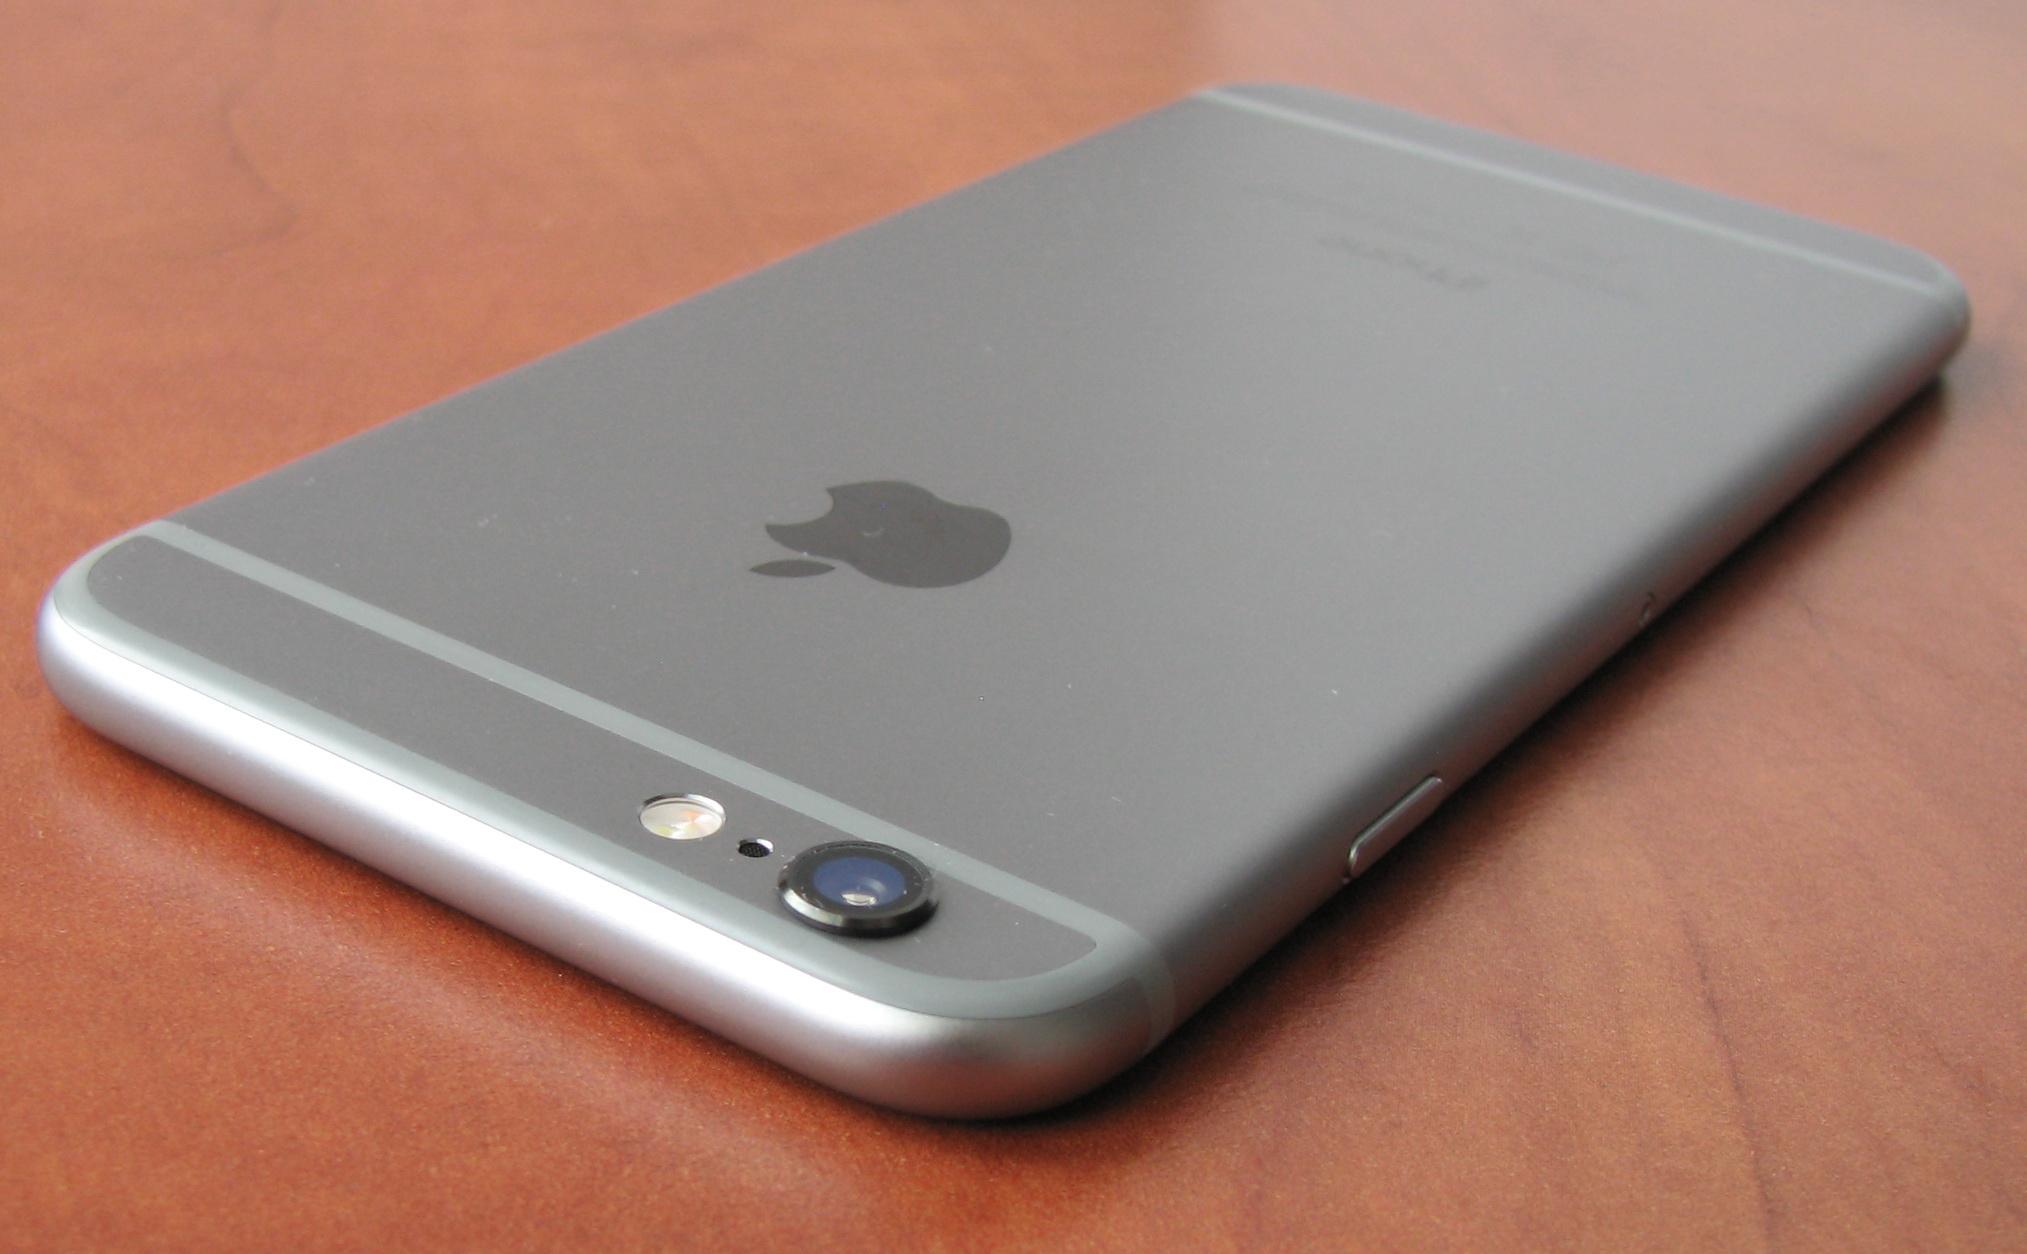 Камера iPhone 6 выступает примерно на миллиметр над задней стенкой корпуса